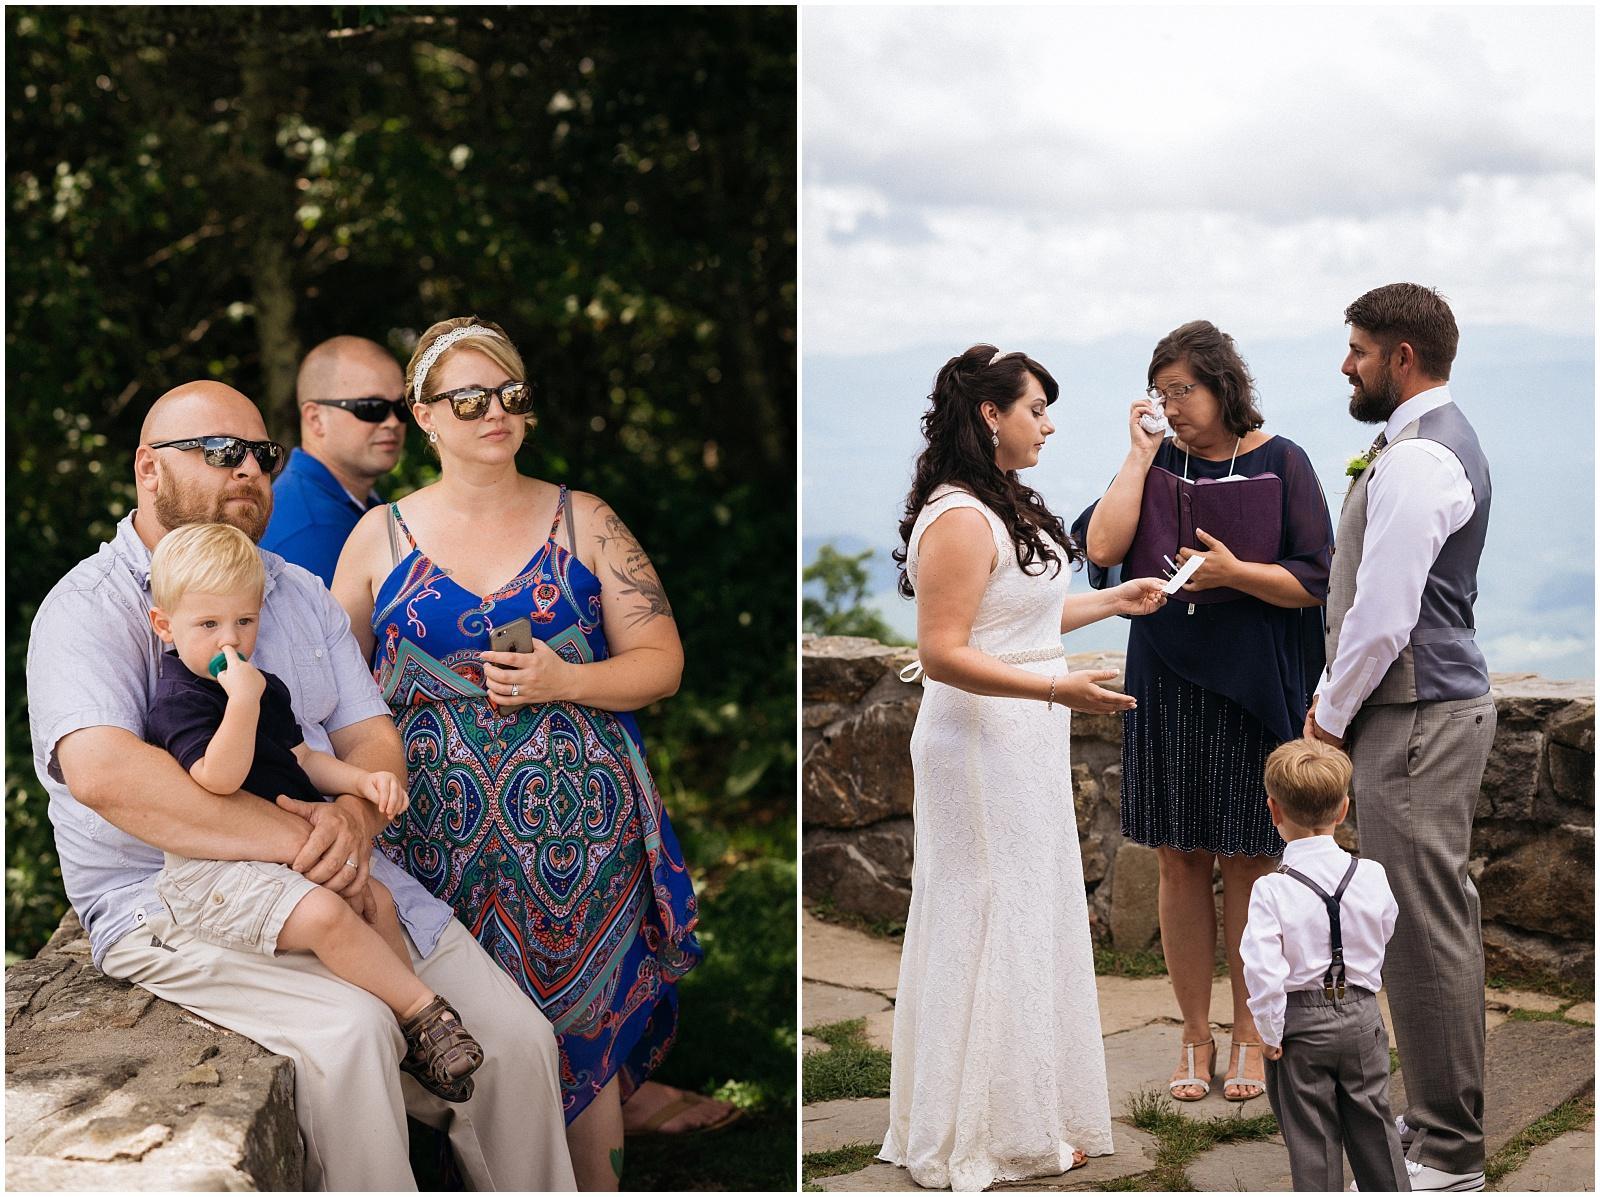 Western North Carolina wedding